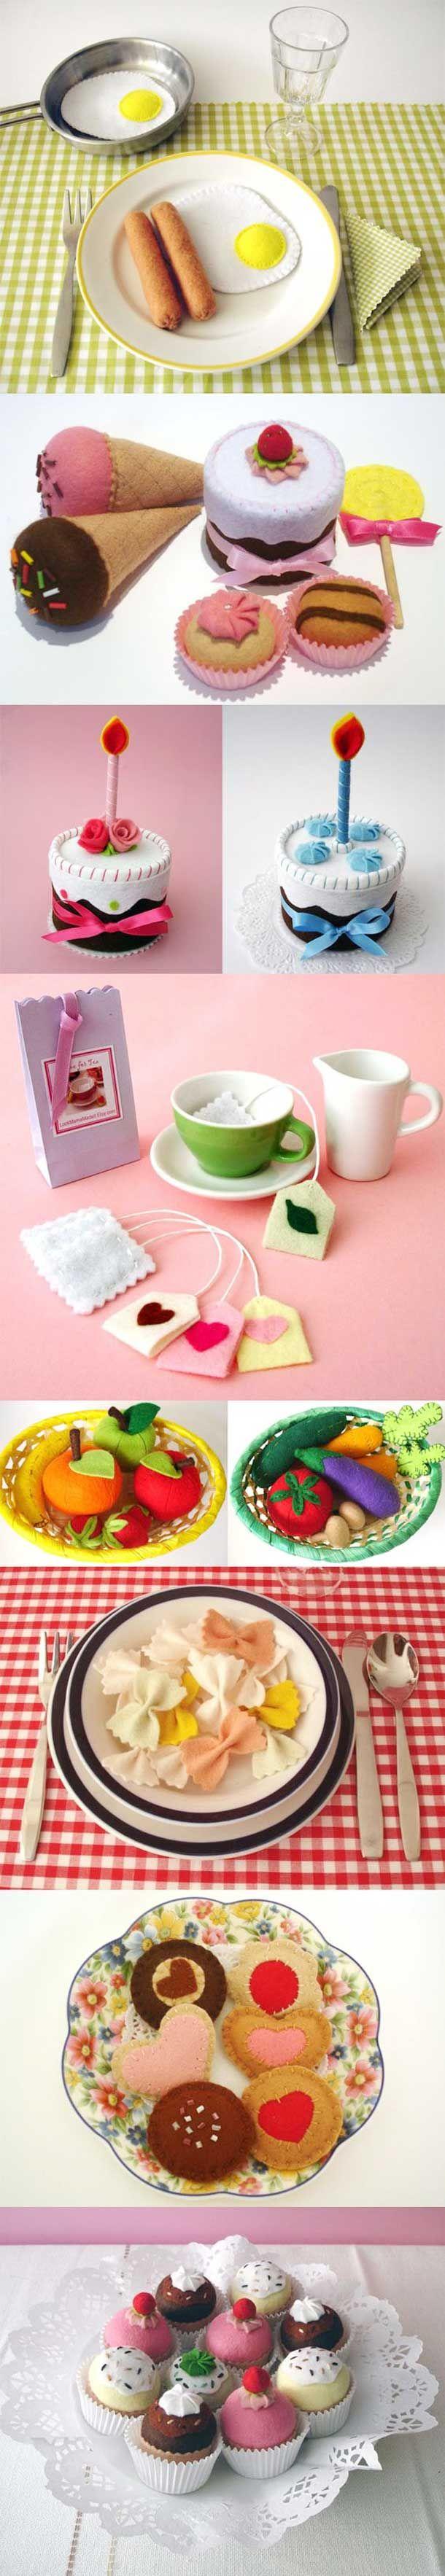 10 Brinquedos de comida feitos com Fetro                                                                                                                                                                                 Mais